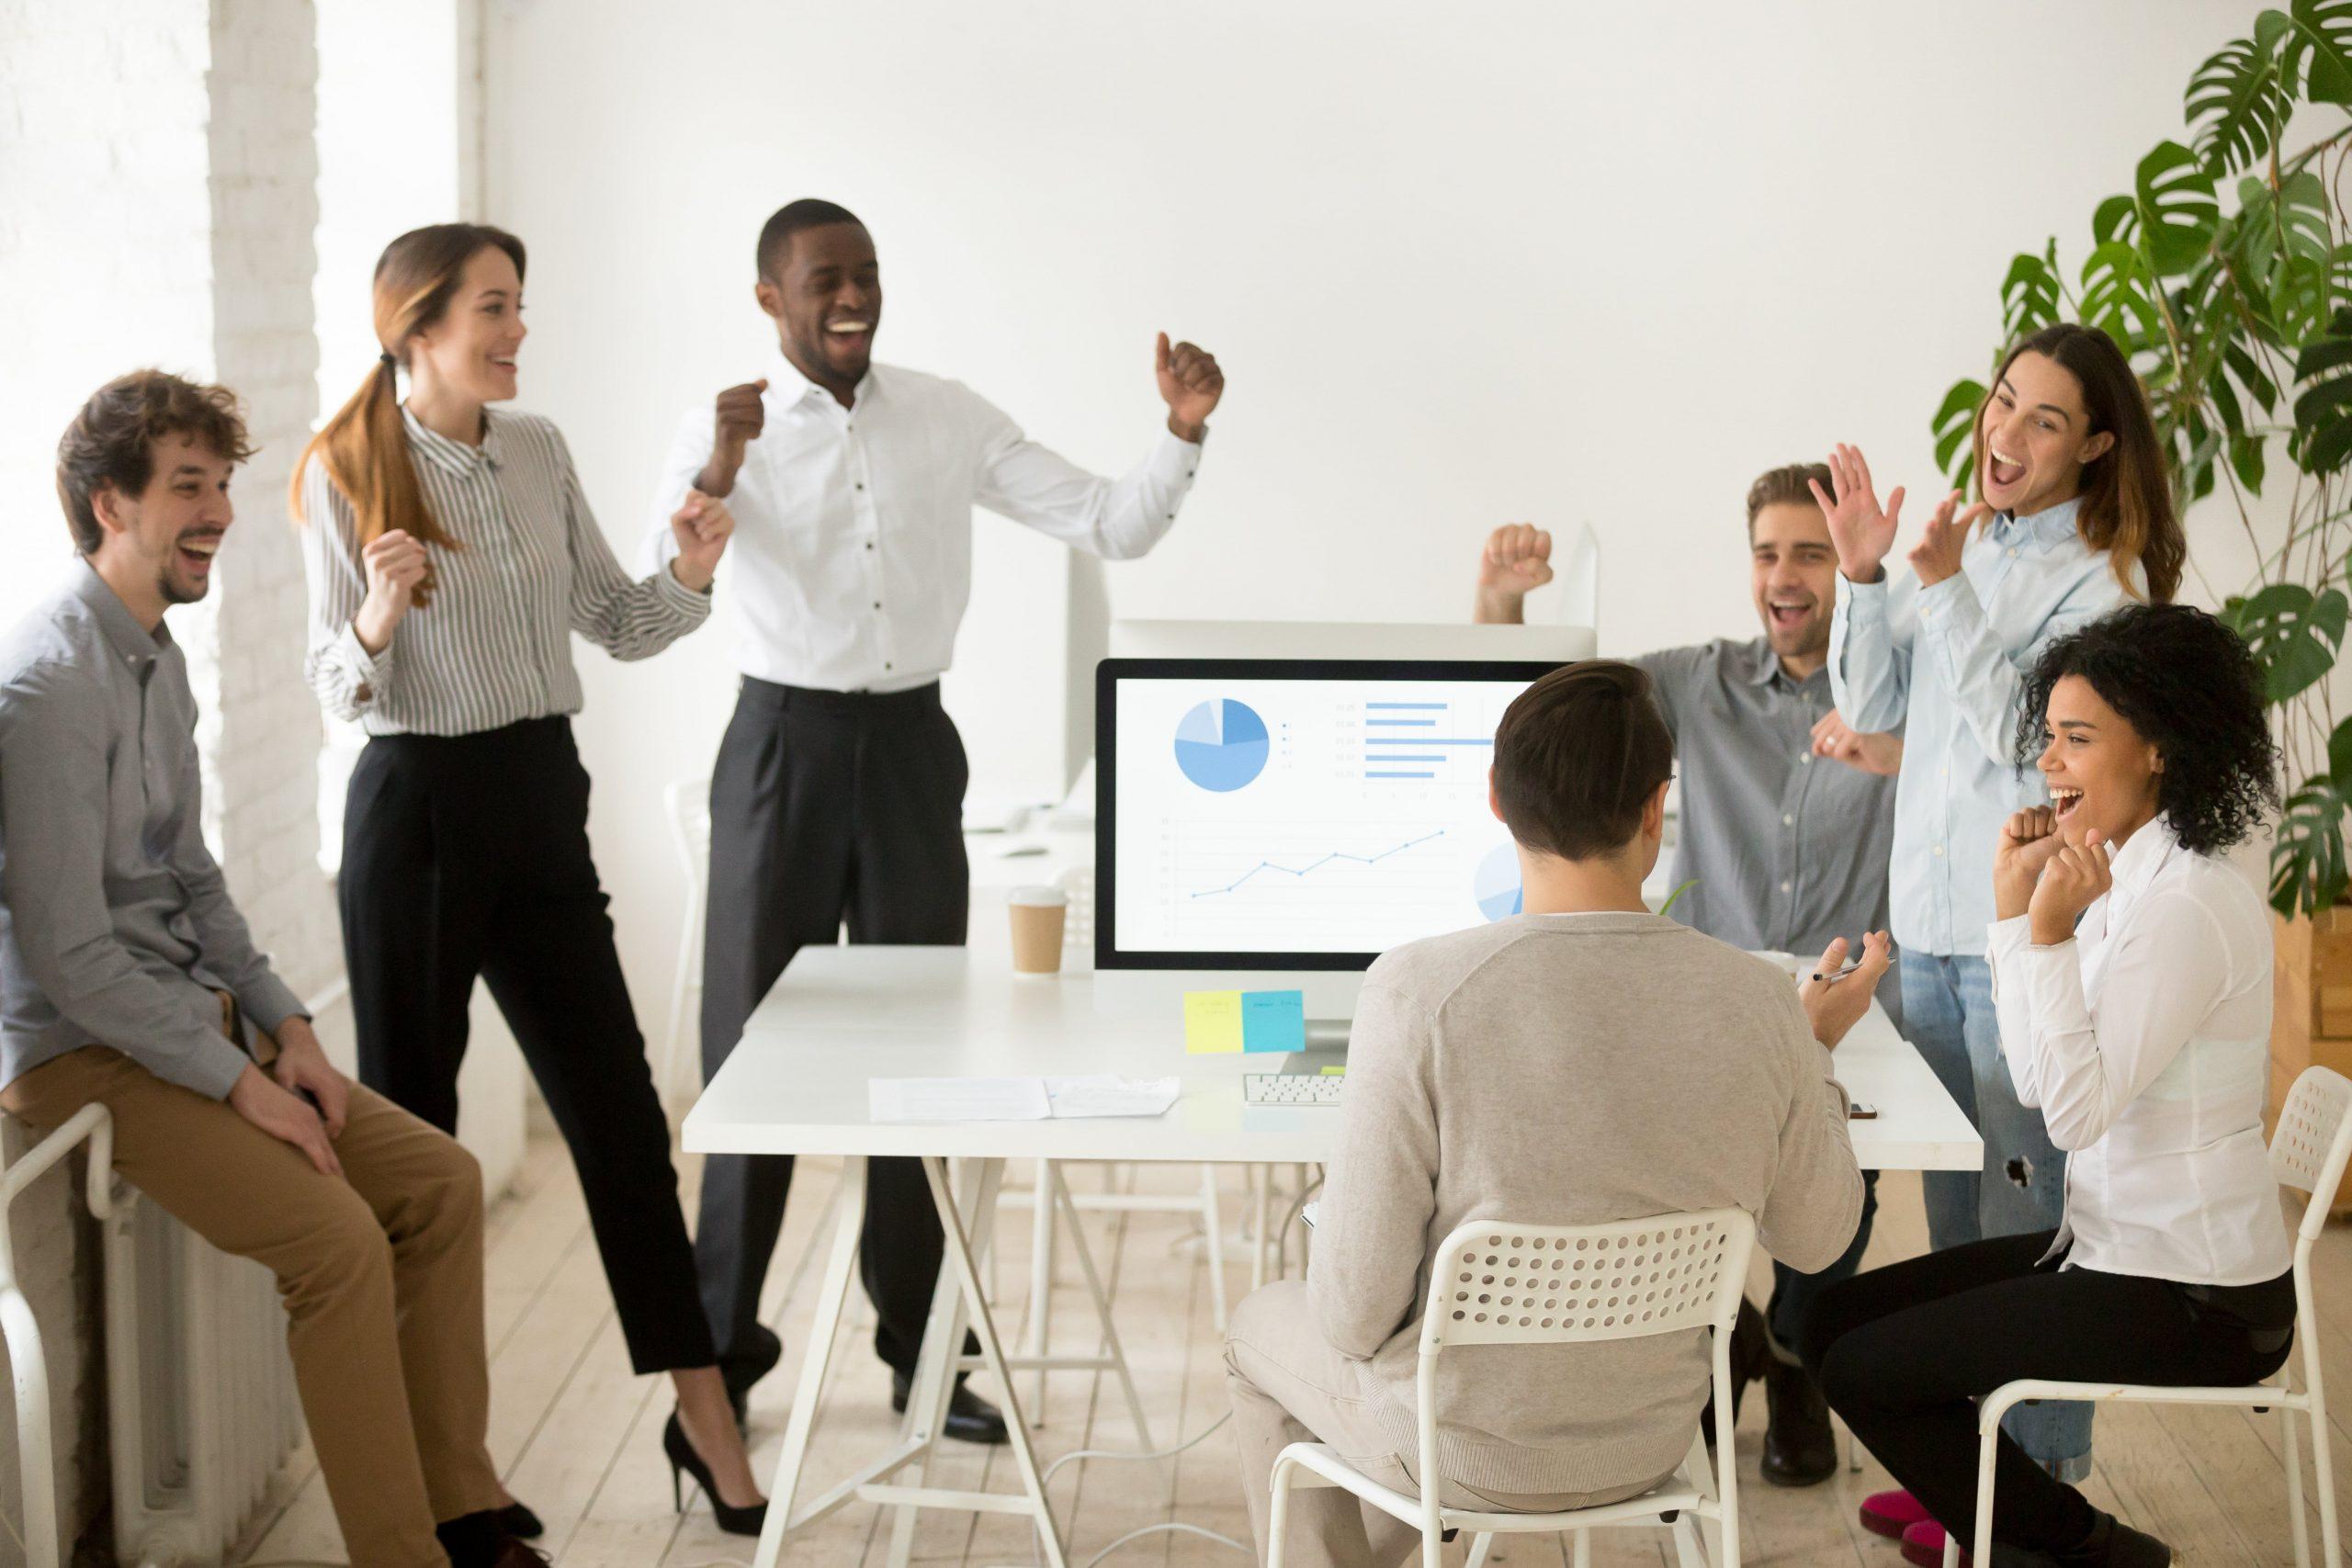 employees celebrating work success - employer benefits UK